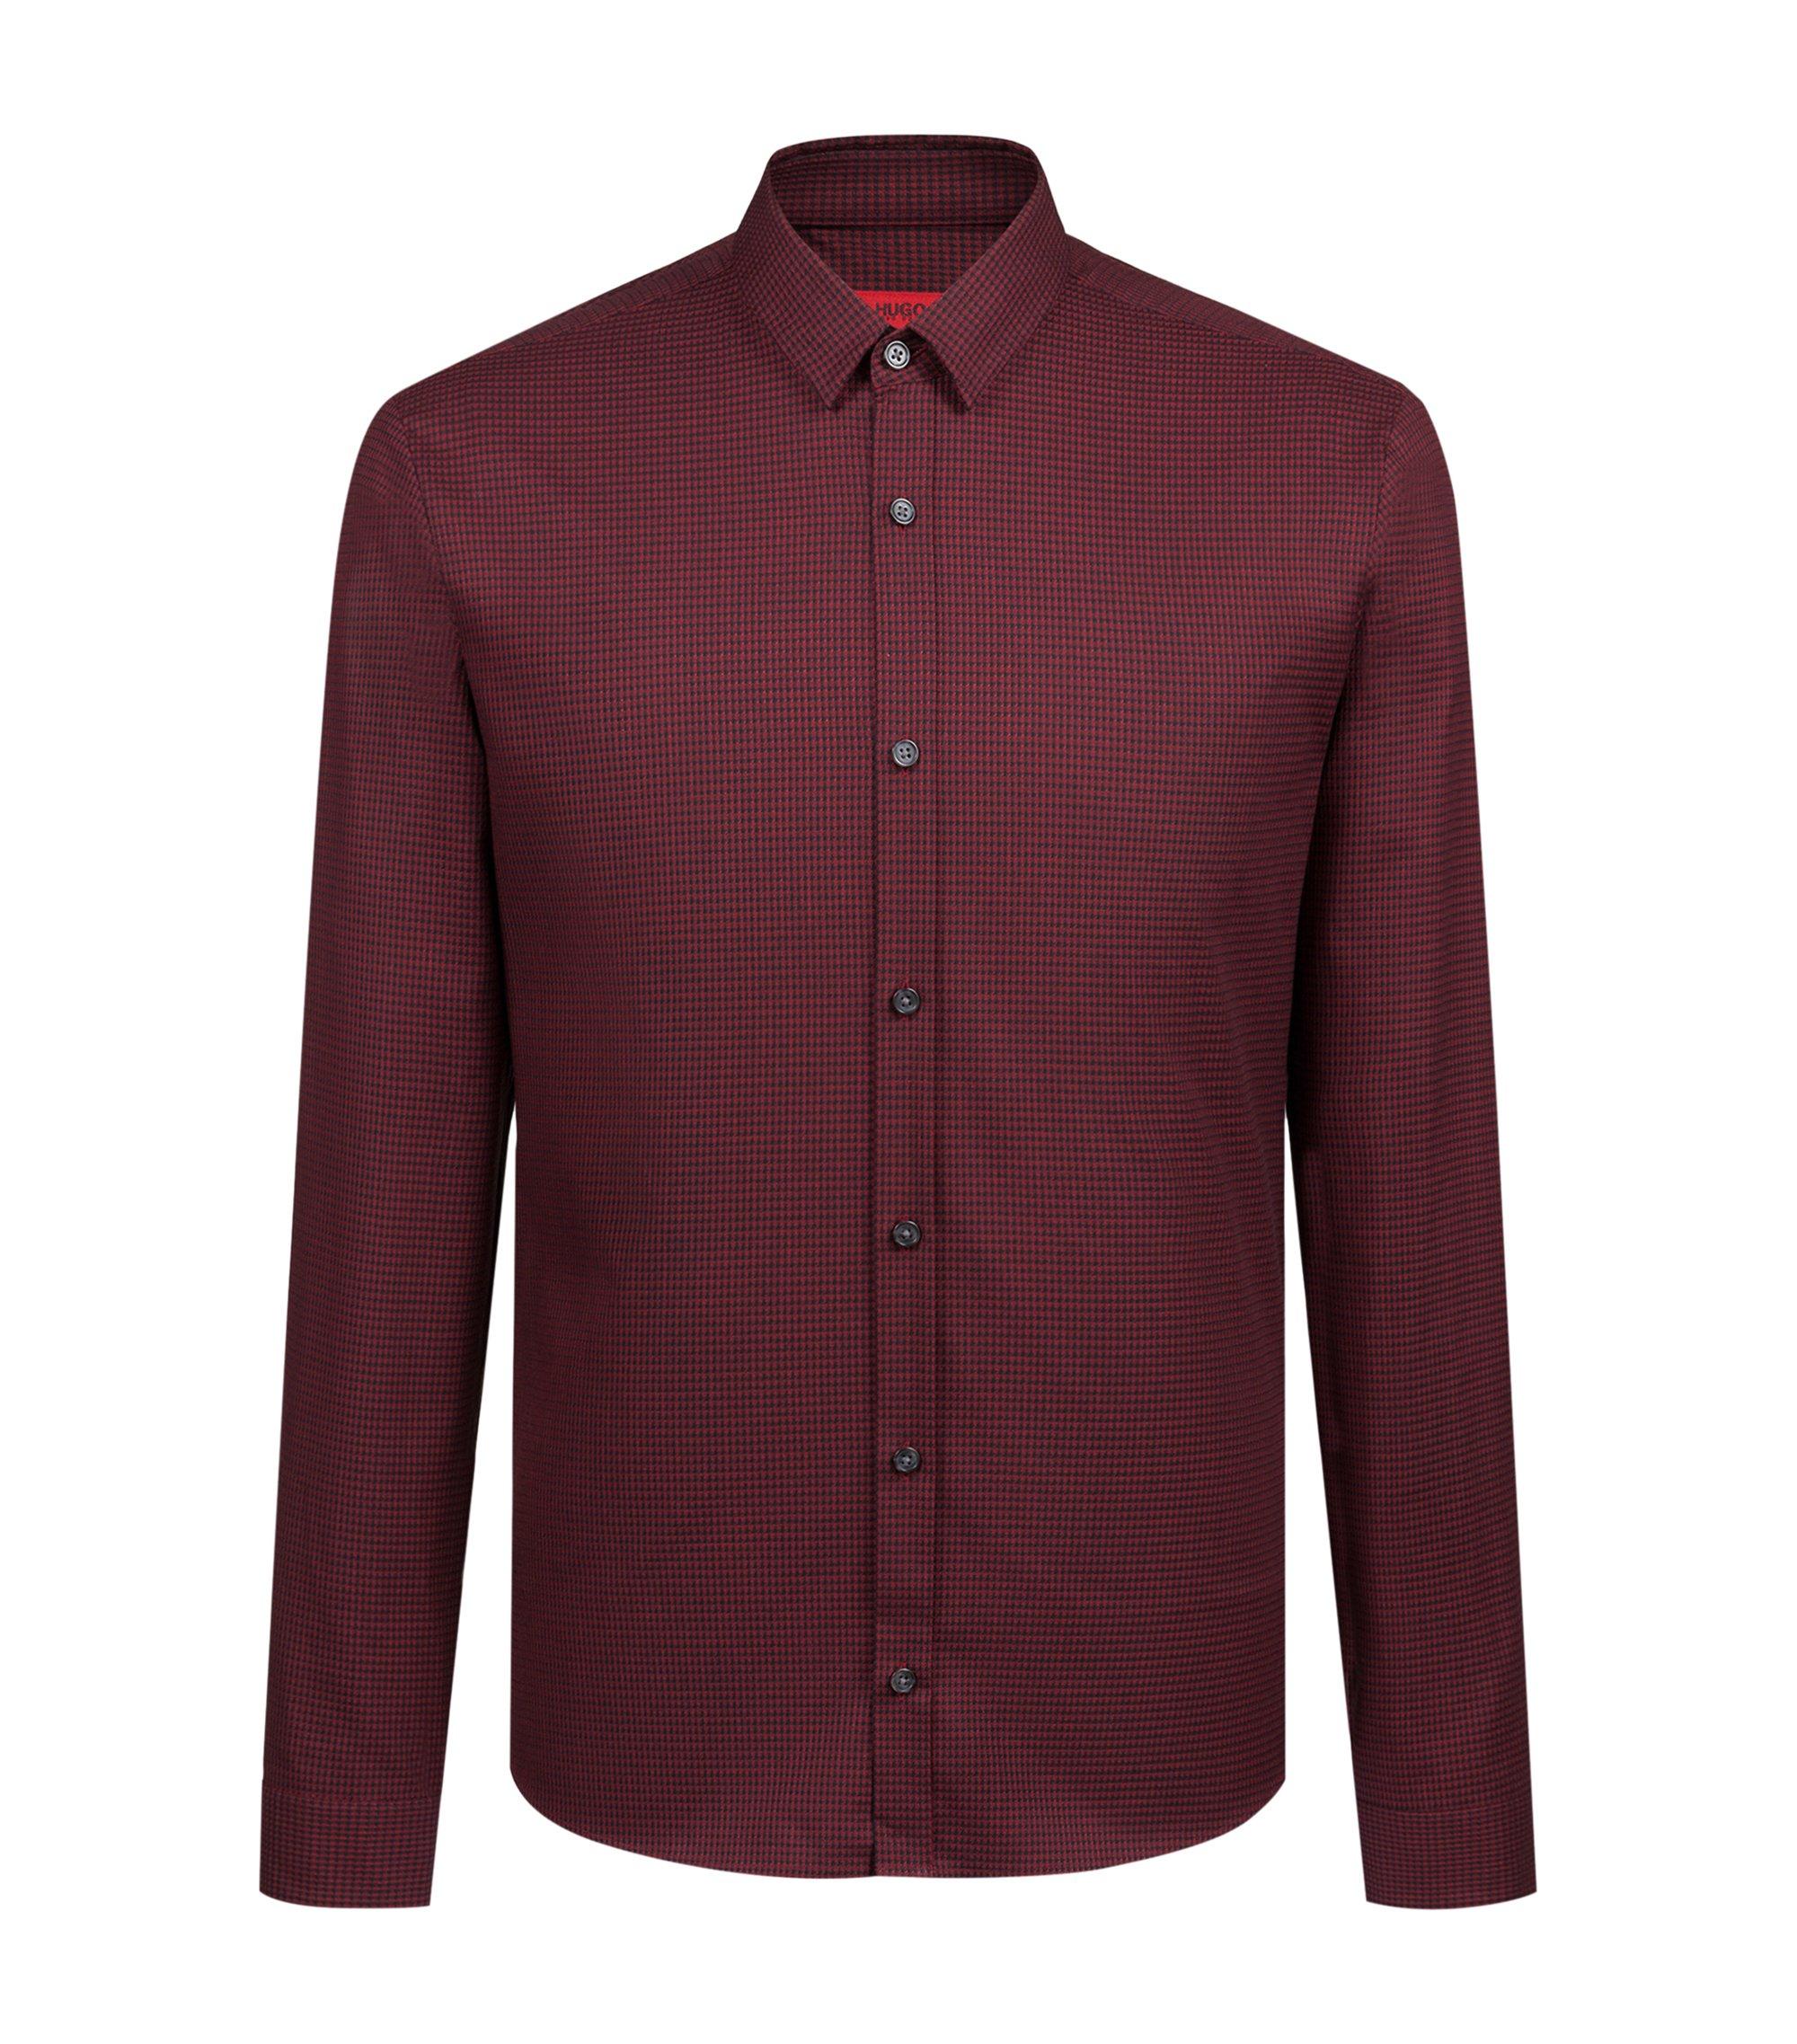 Chemise extra slim fit en tweed de coton pied-de-poule, Rouge